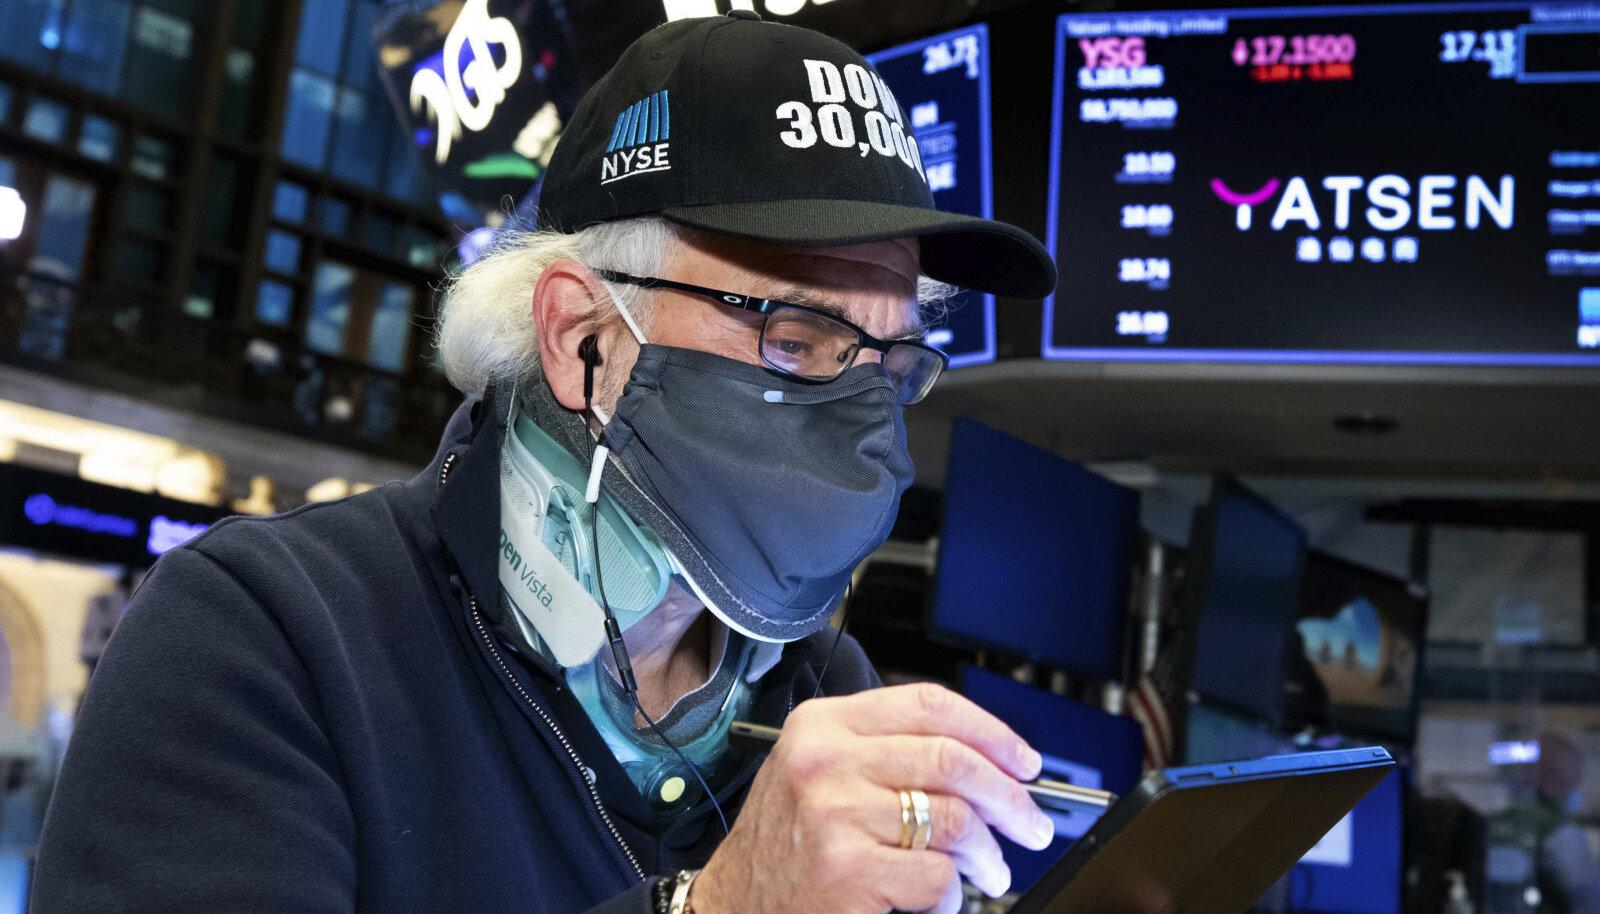 Börsikaupleja kannab Dow Jonesi tööstuskeskmise 30 000 punkti läbimise puhul sellekohast mütsi